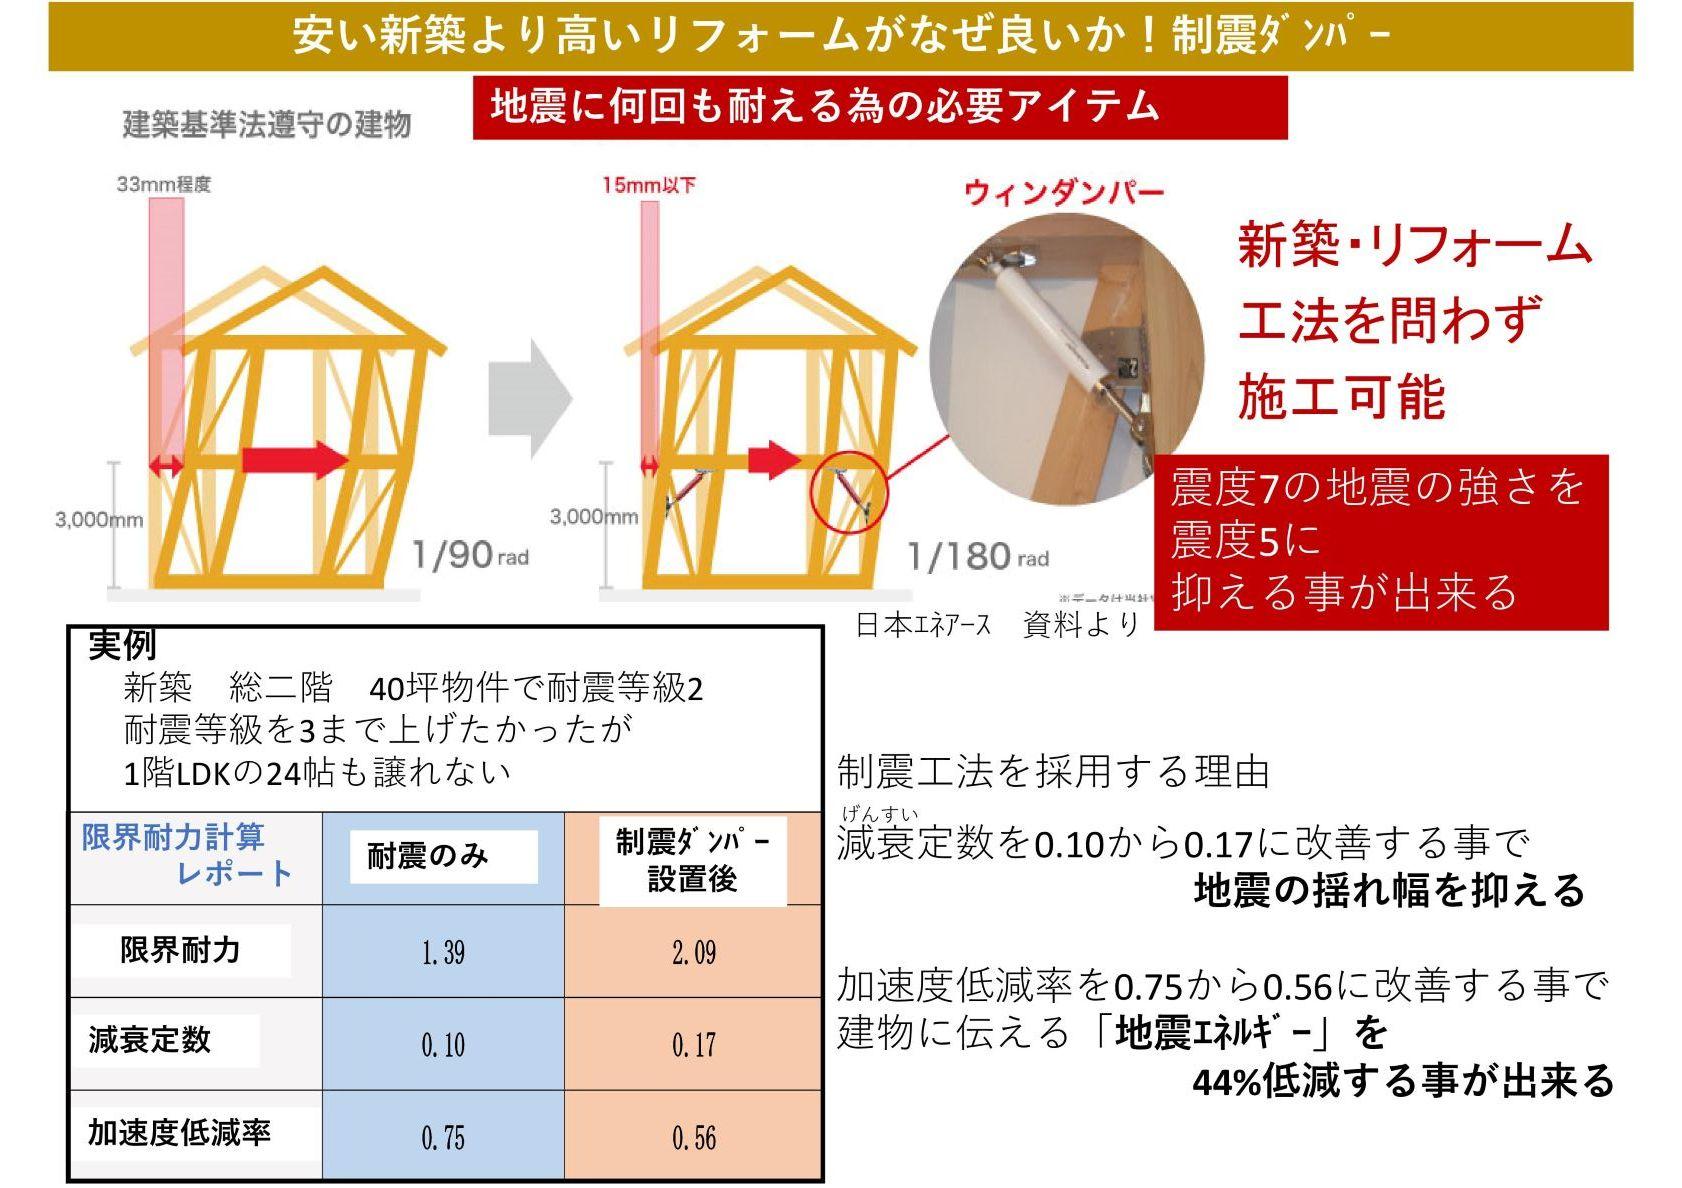 安い新築より高いリフォームがなぜ良いか?